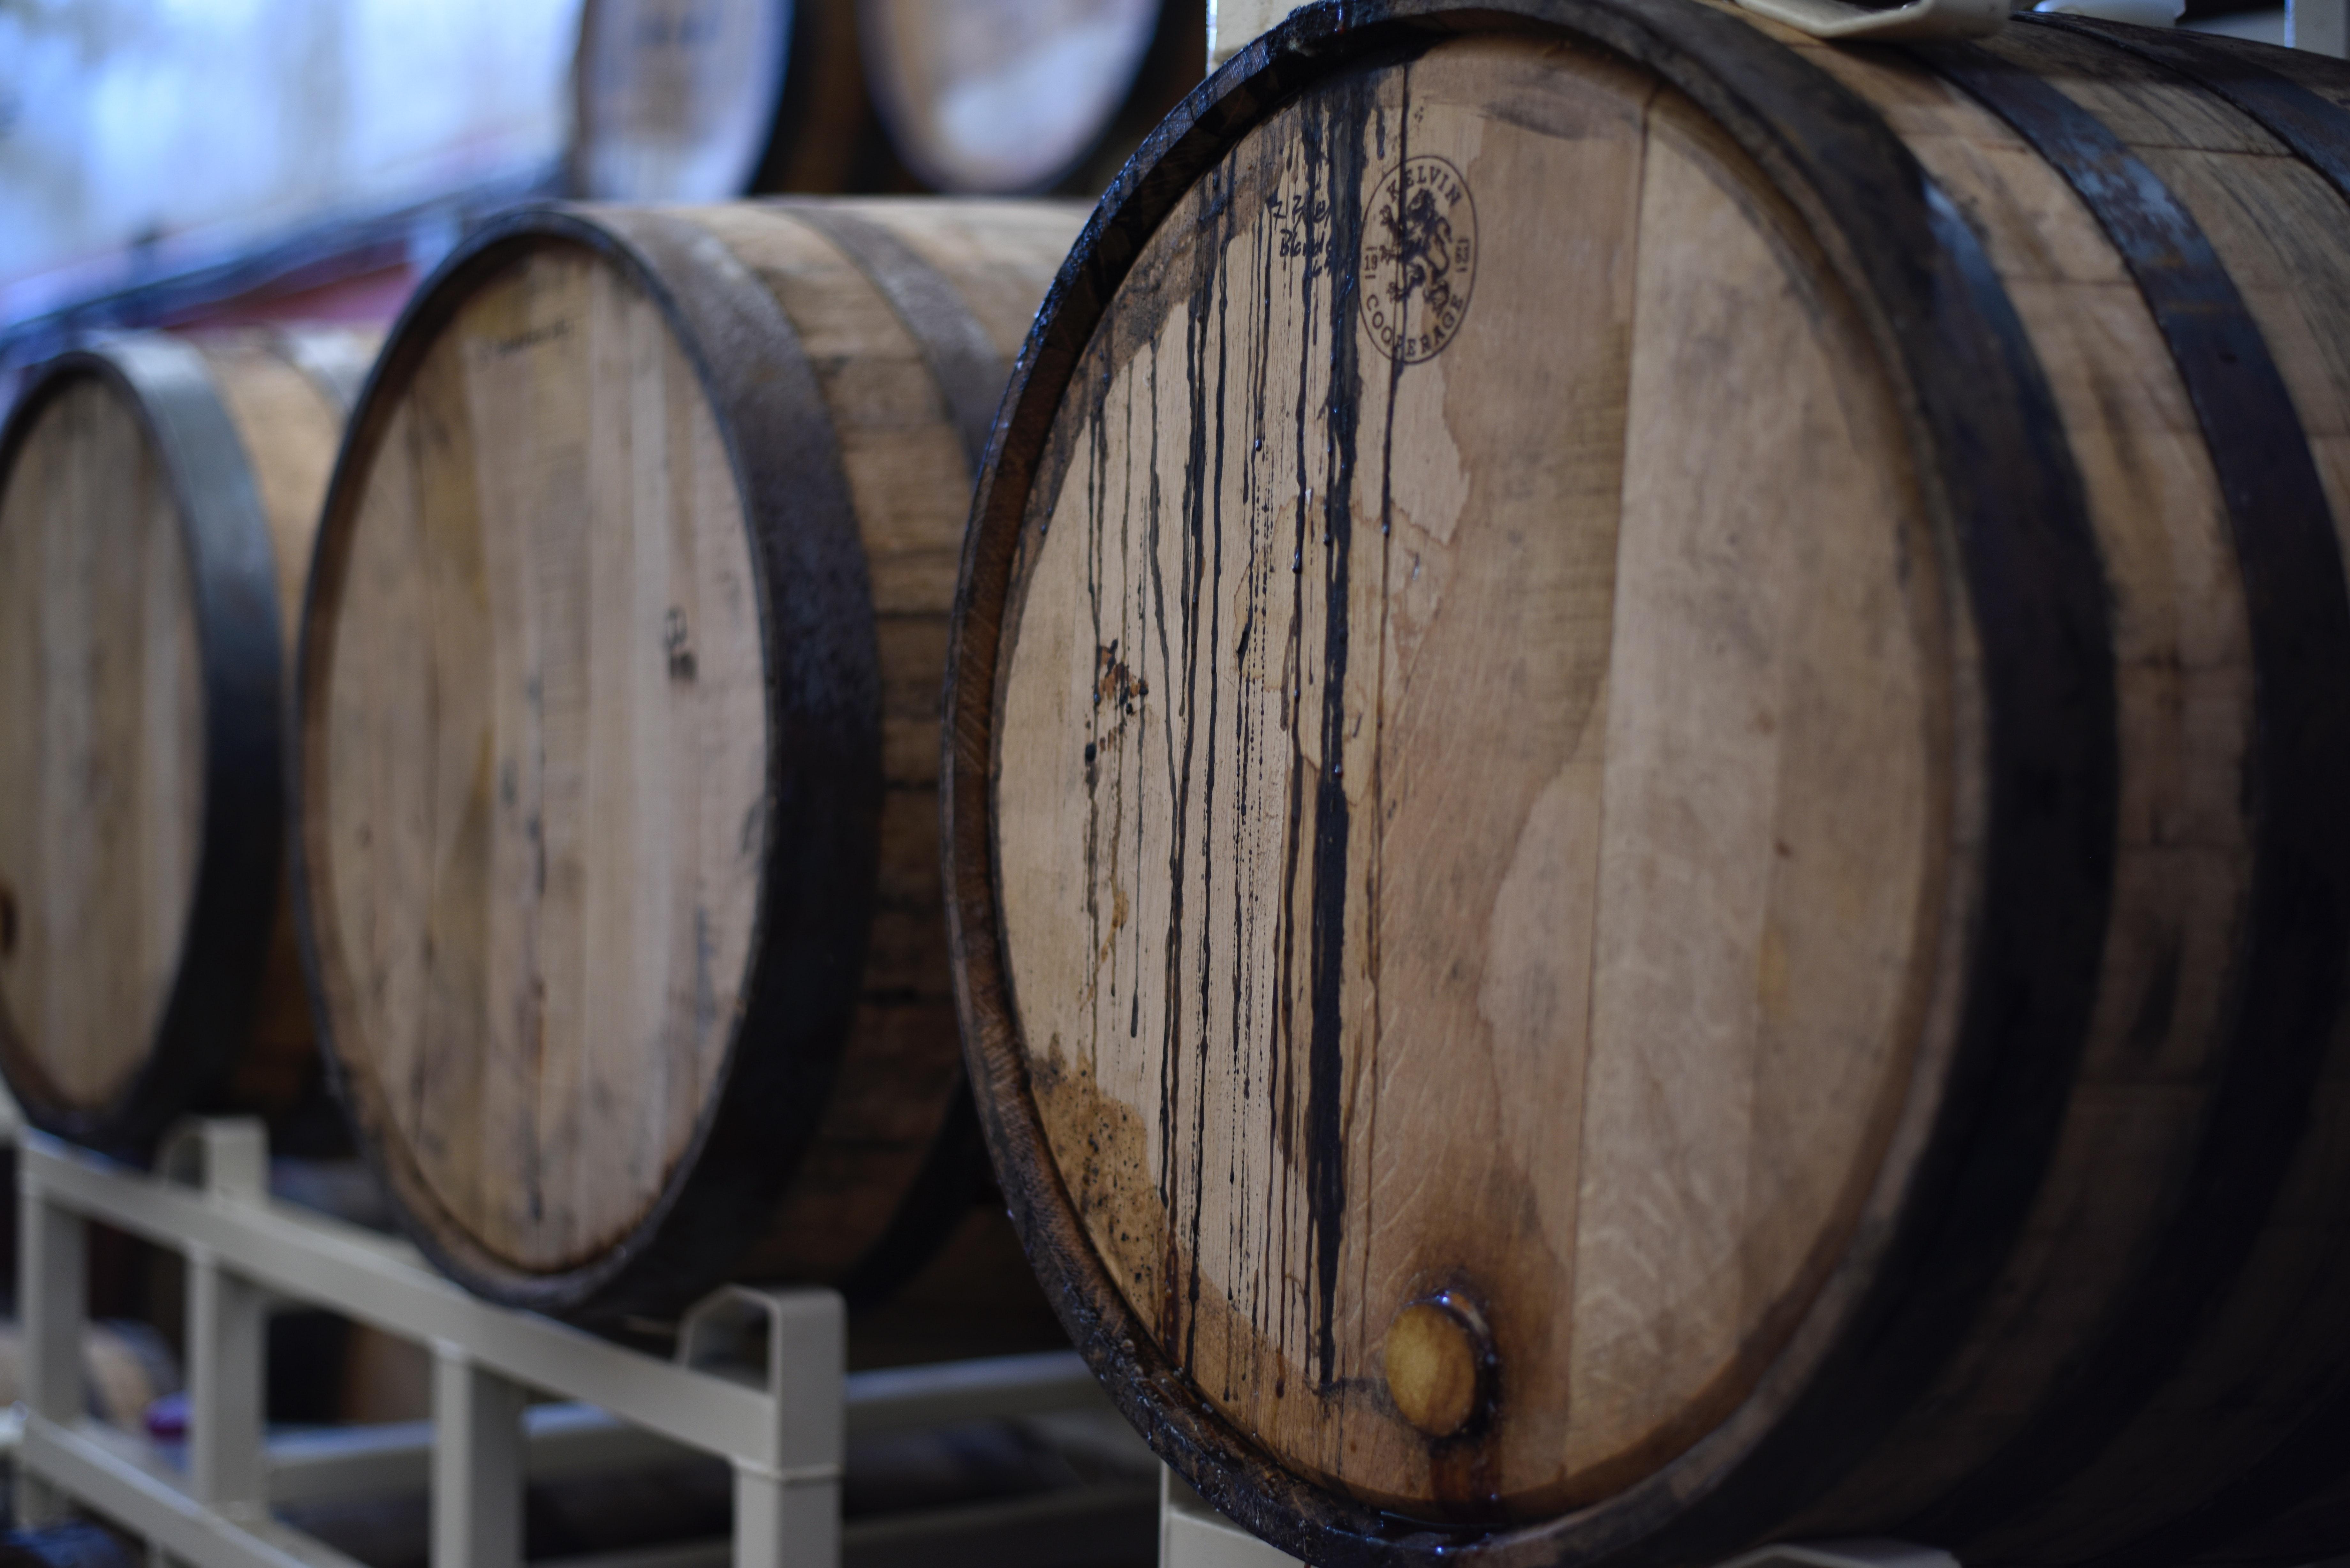 barrels-basement-beer-1267359